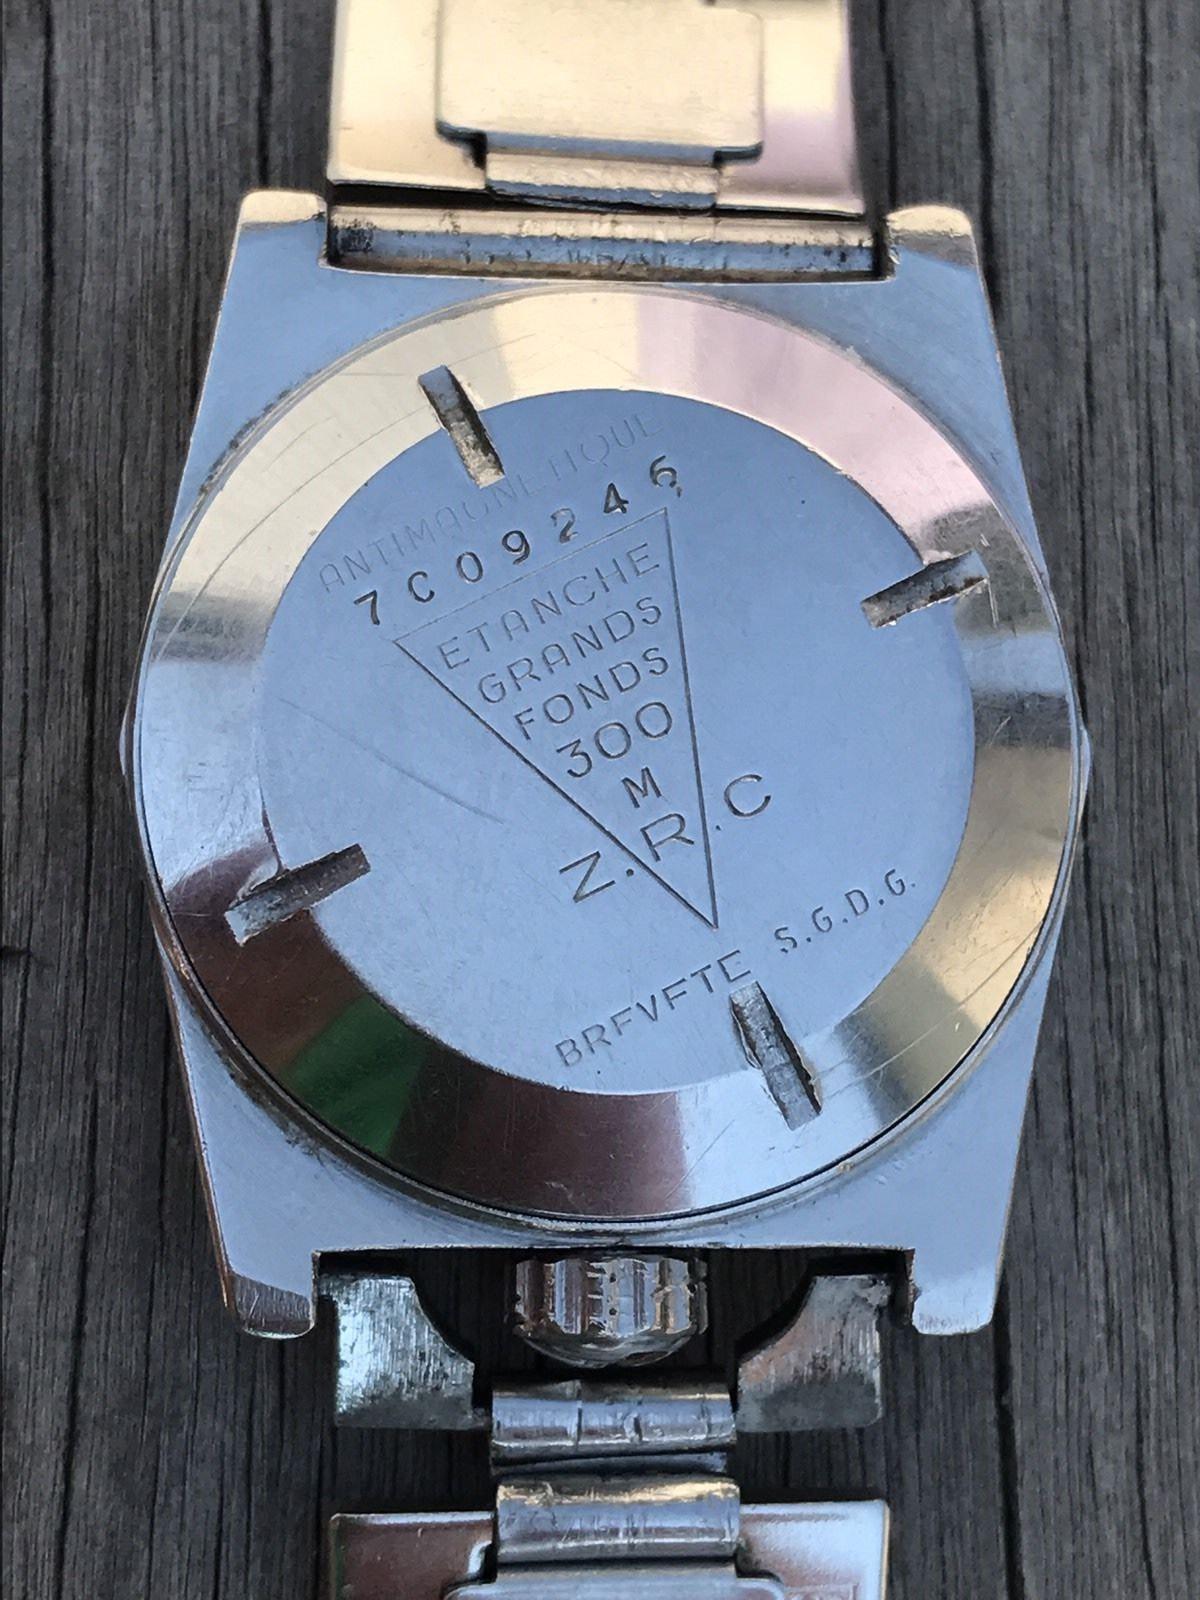 Relógios de mergulho vintage - Página 2 S-l1600%2B%25283%2529